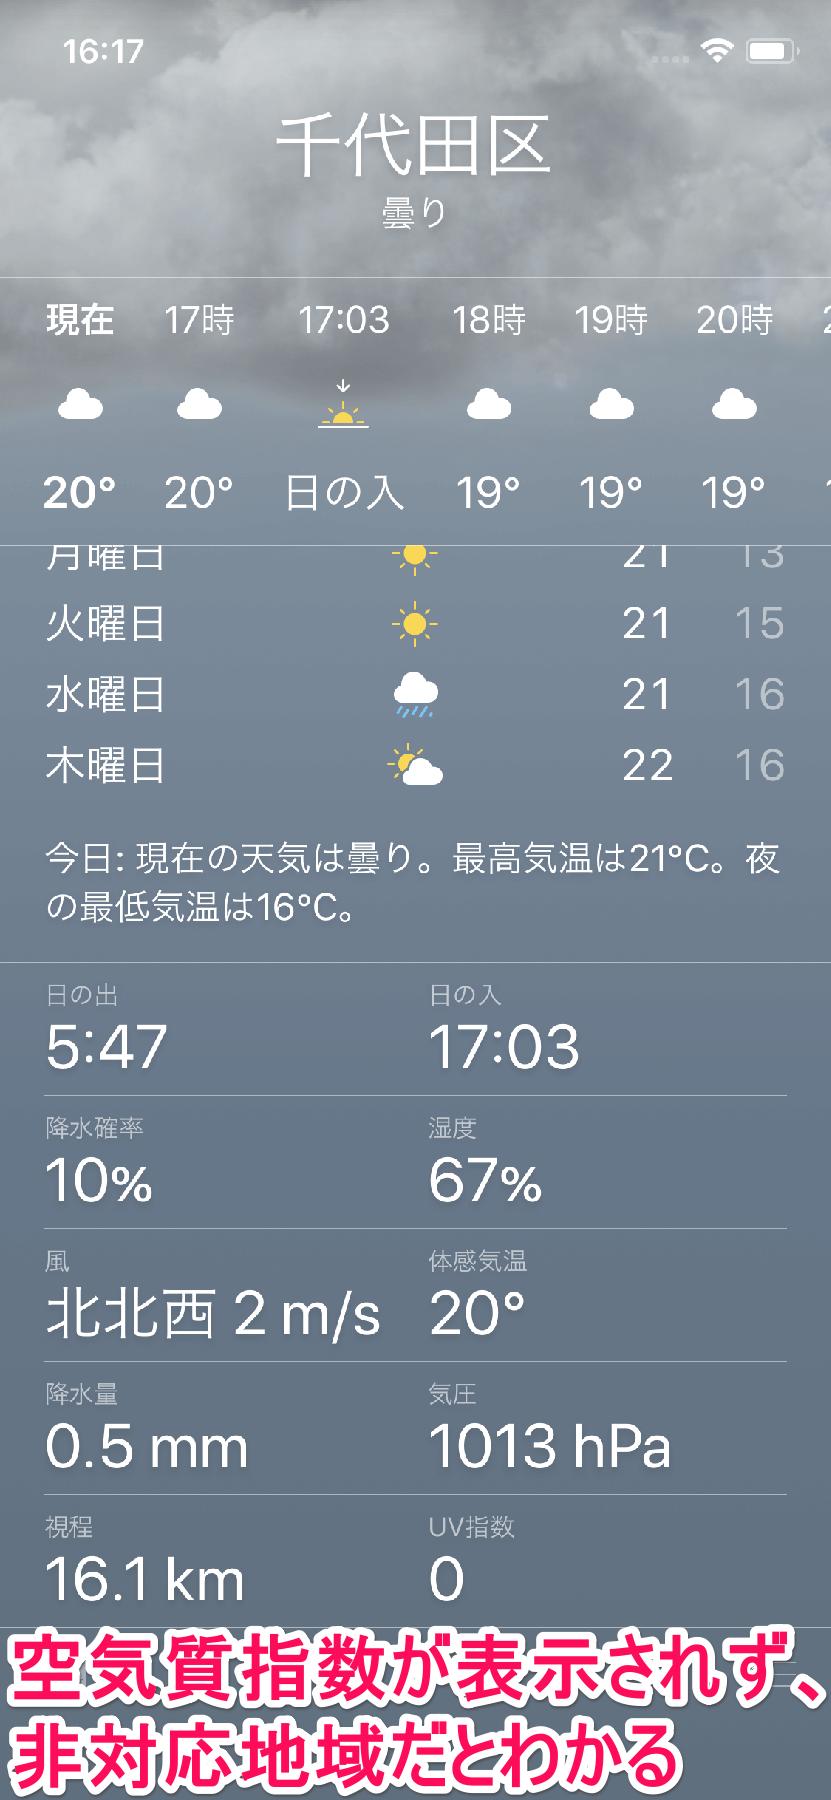 iPhone(アイフォーン、アイフォン)の天気アプリの詳細画面